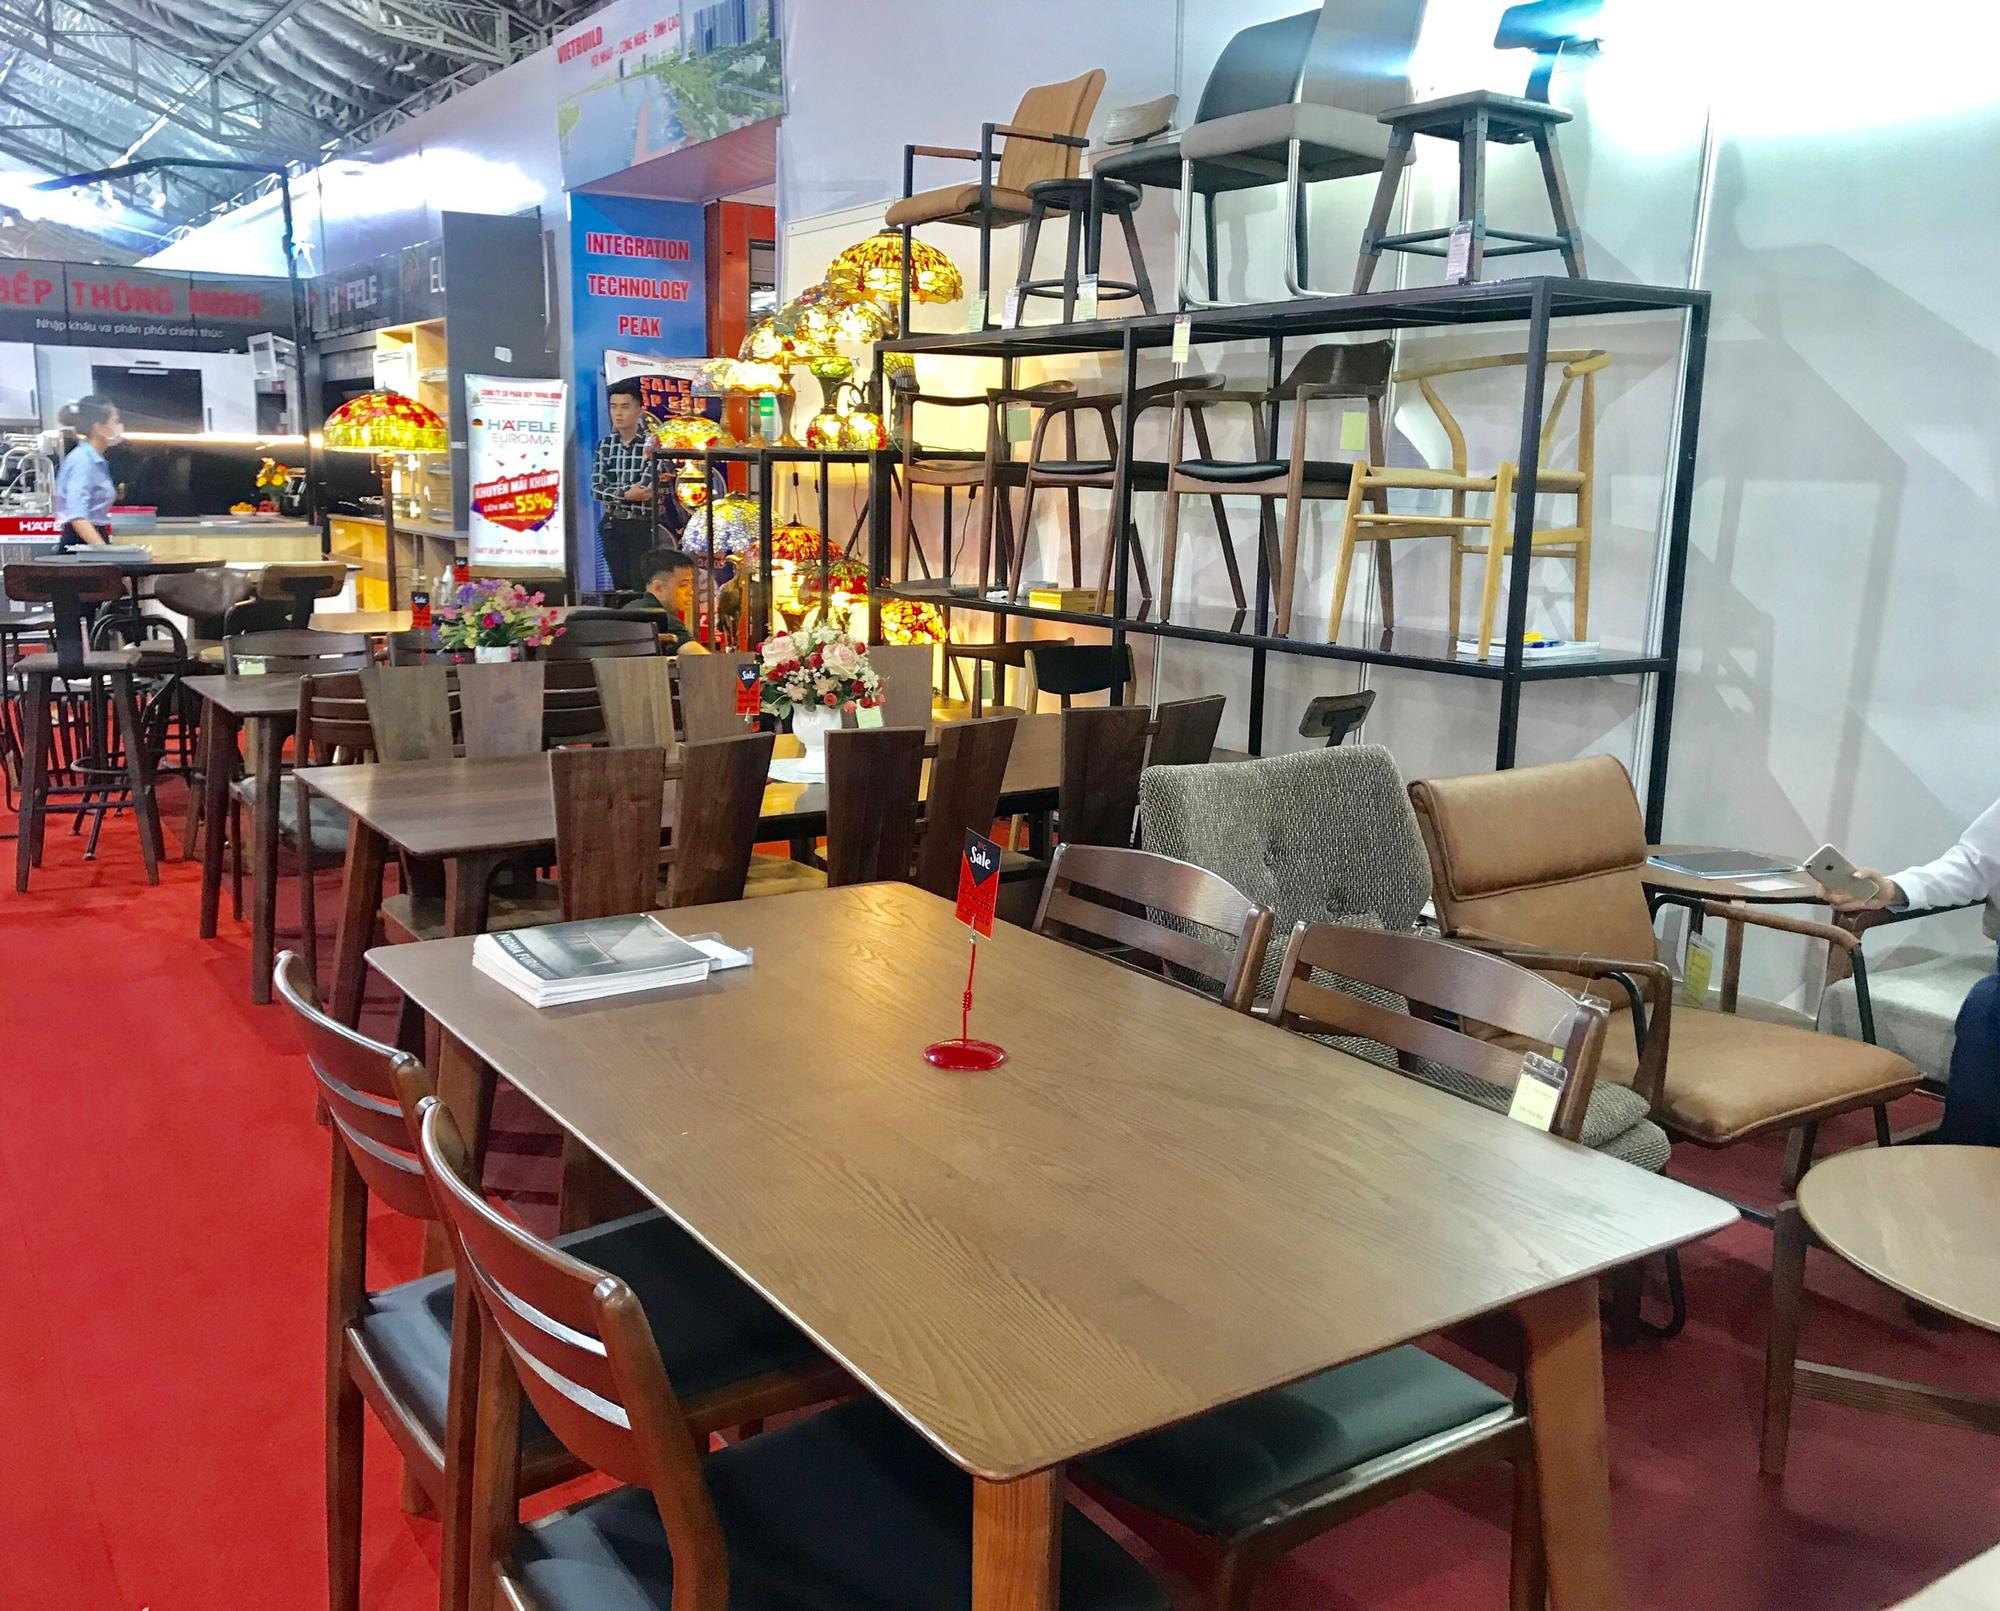 Việt Nam tiếp tục là thị trường cung cấp đồ nội thất gỗ hàng đầu cho Mỹ - Ảnh 1.